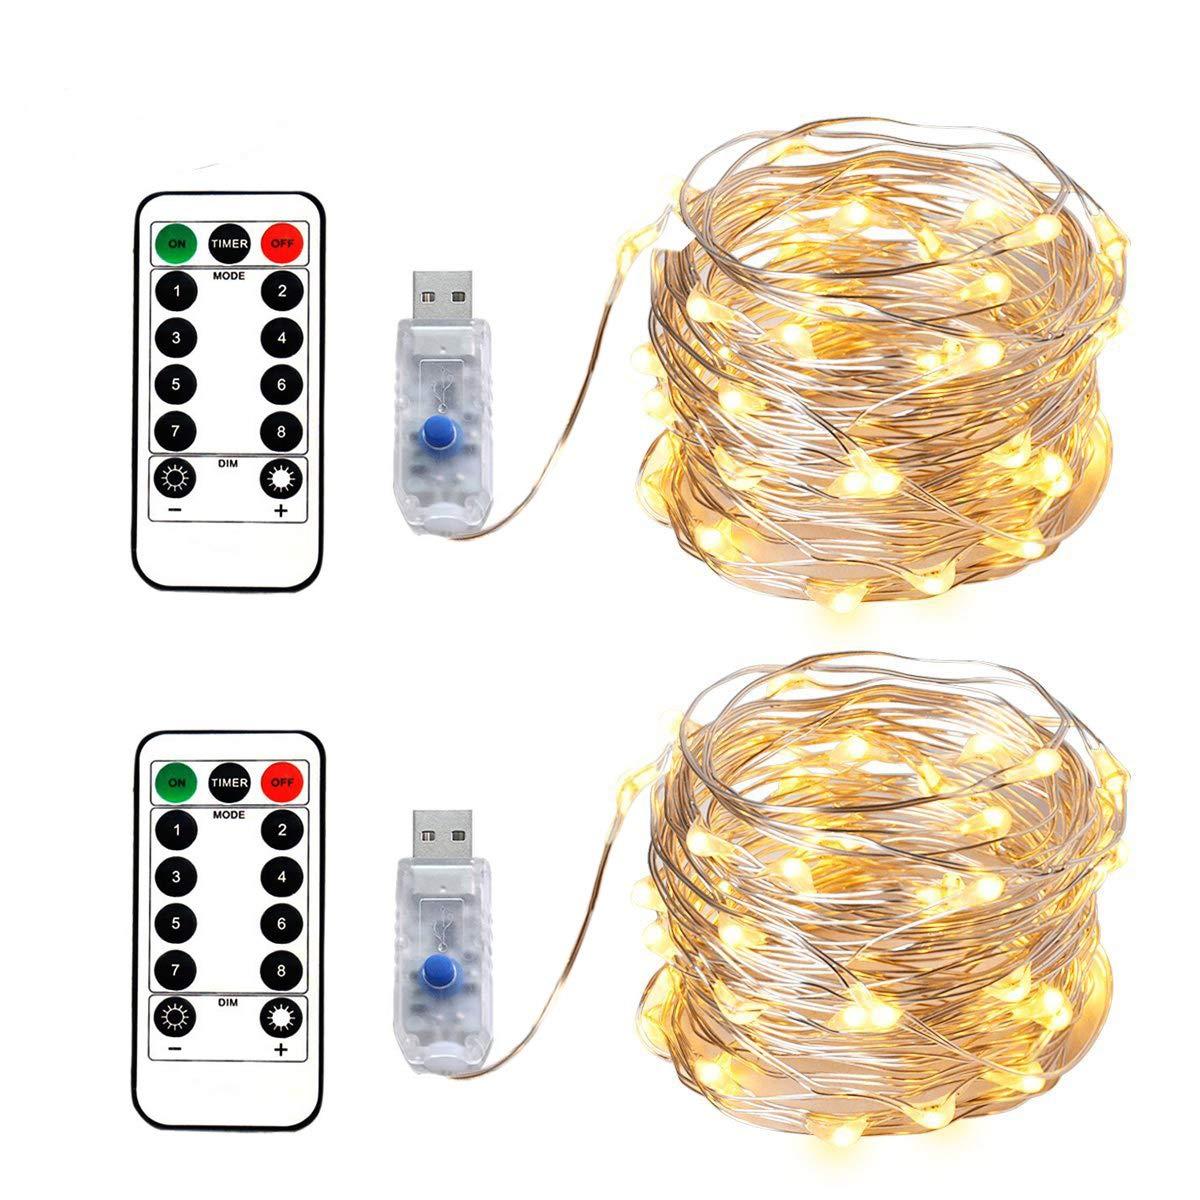 2 x LED Micro Lichterkette im 5M 50LEDs Silbernedraht USB-Anschluss mit Fernbedienung 8 Programm und Zeitwahl Dimmen LED-Lichter für Party, Zimmerdekoration, Weihnachten, Halloween, Hochzeit, Beleuchtung Deko (Warmweiß)